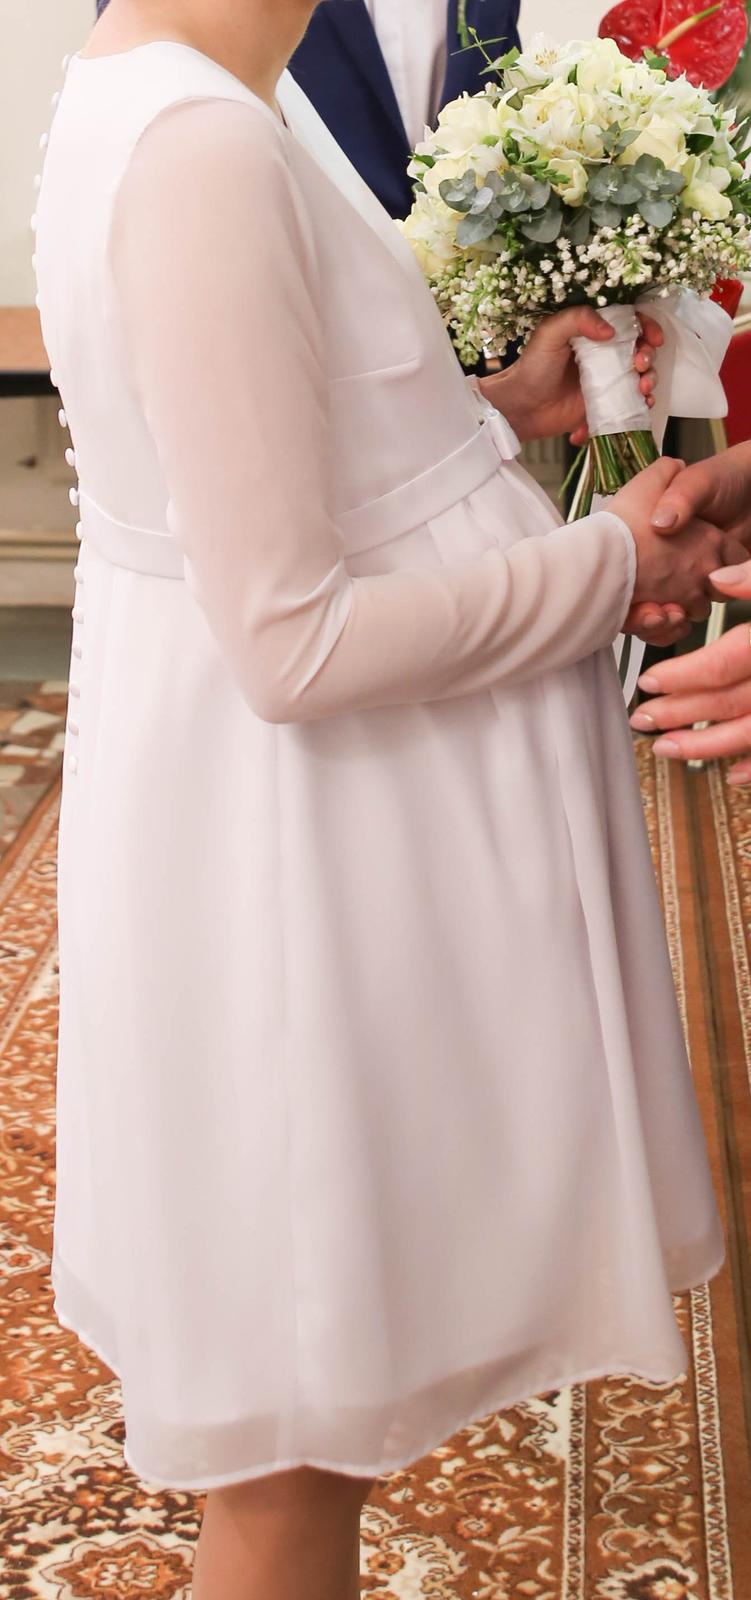 Tehotenské svadobné šaty veľ. XS/S - Obrázok č. 3